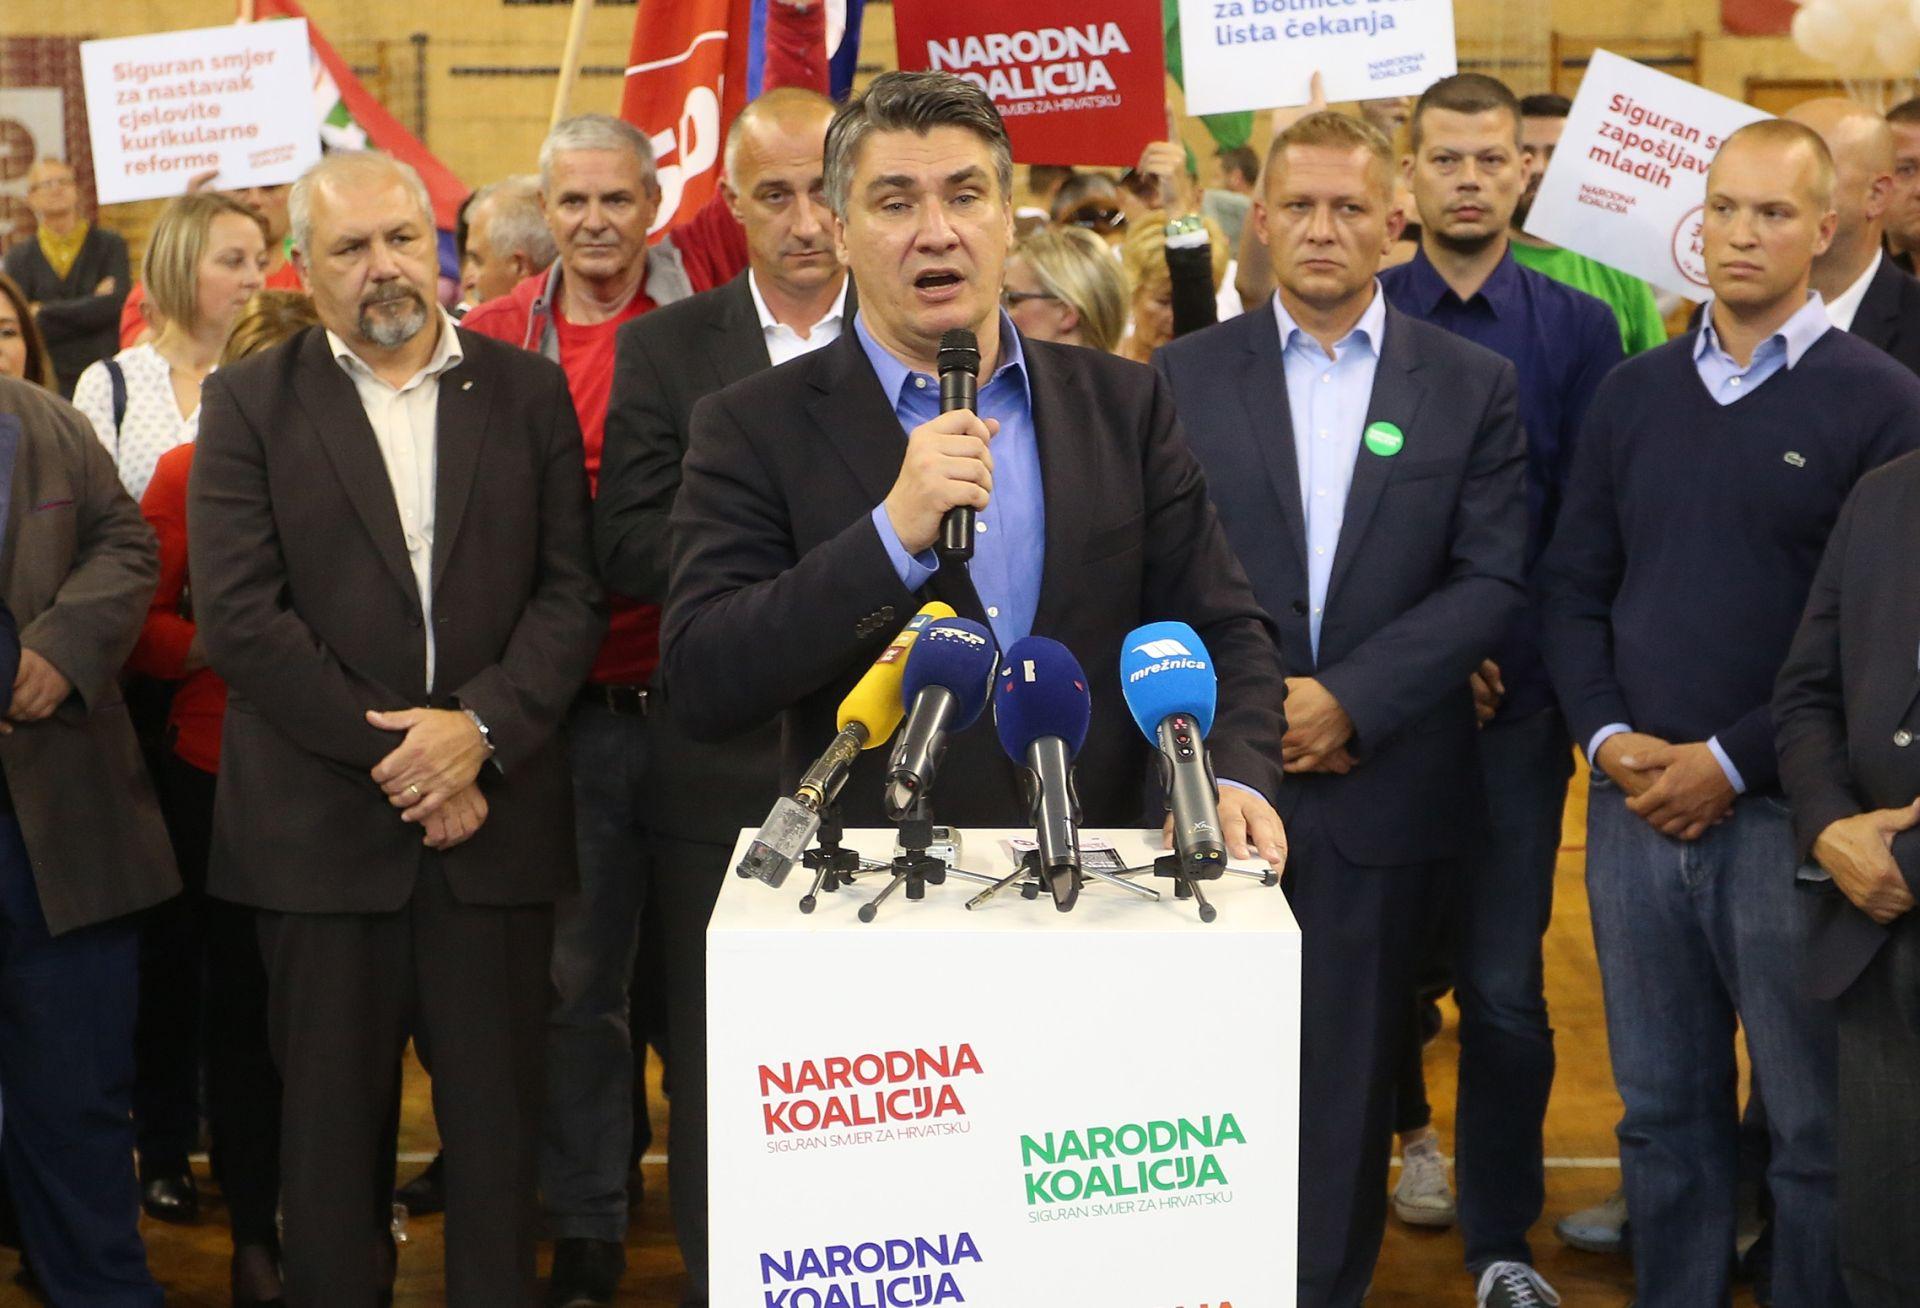 ZORAN MILANOVIĆ: 'Omogućiti Hrvatskoj dvadeset dobrih godina'